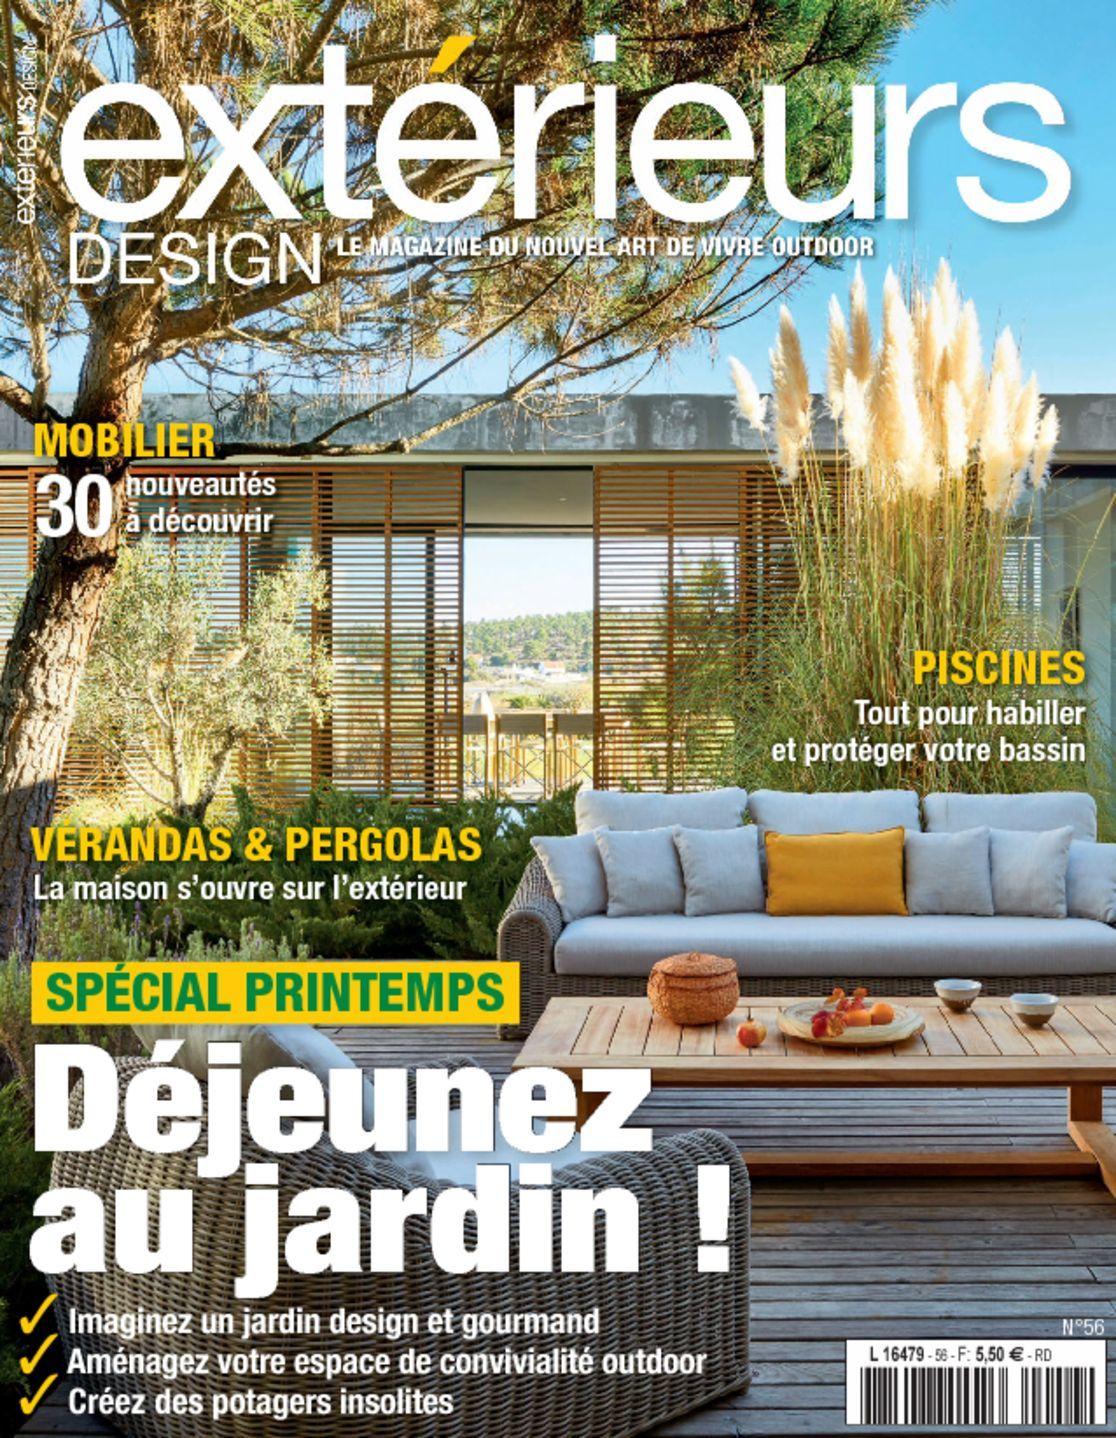 digital magazine layout - Ecosia